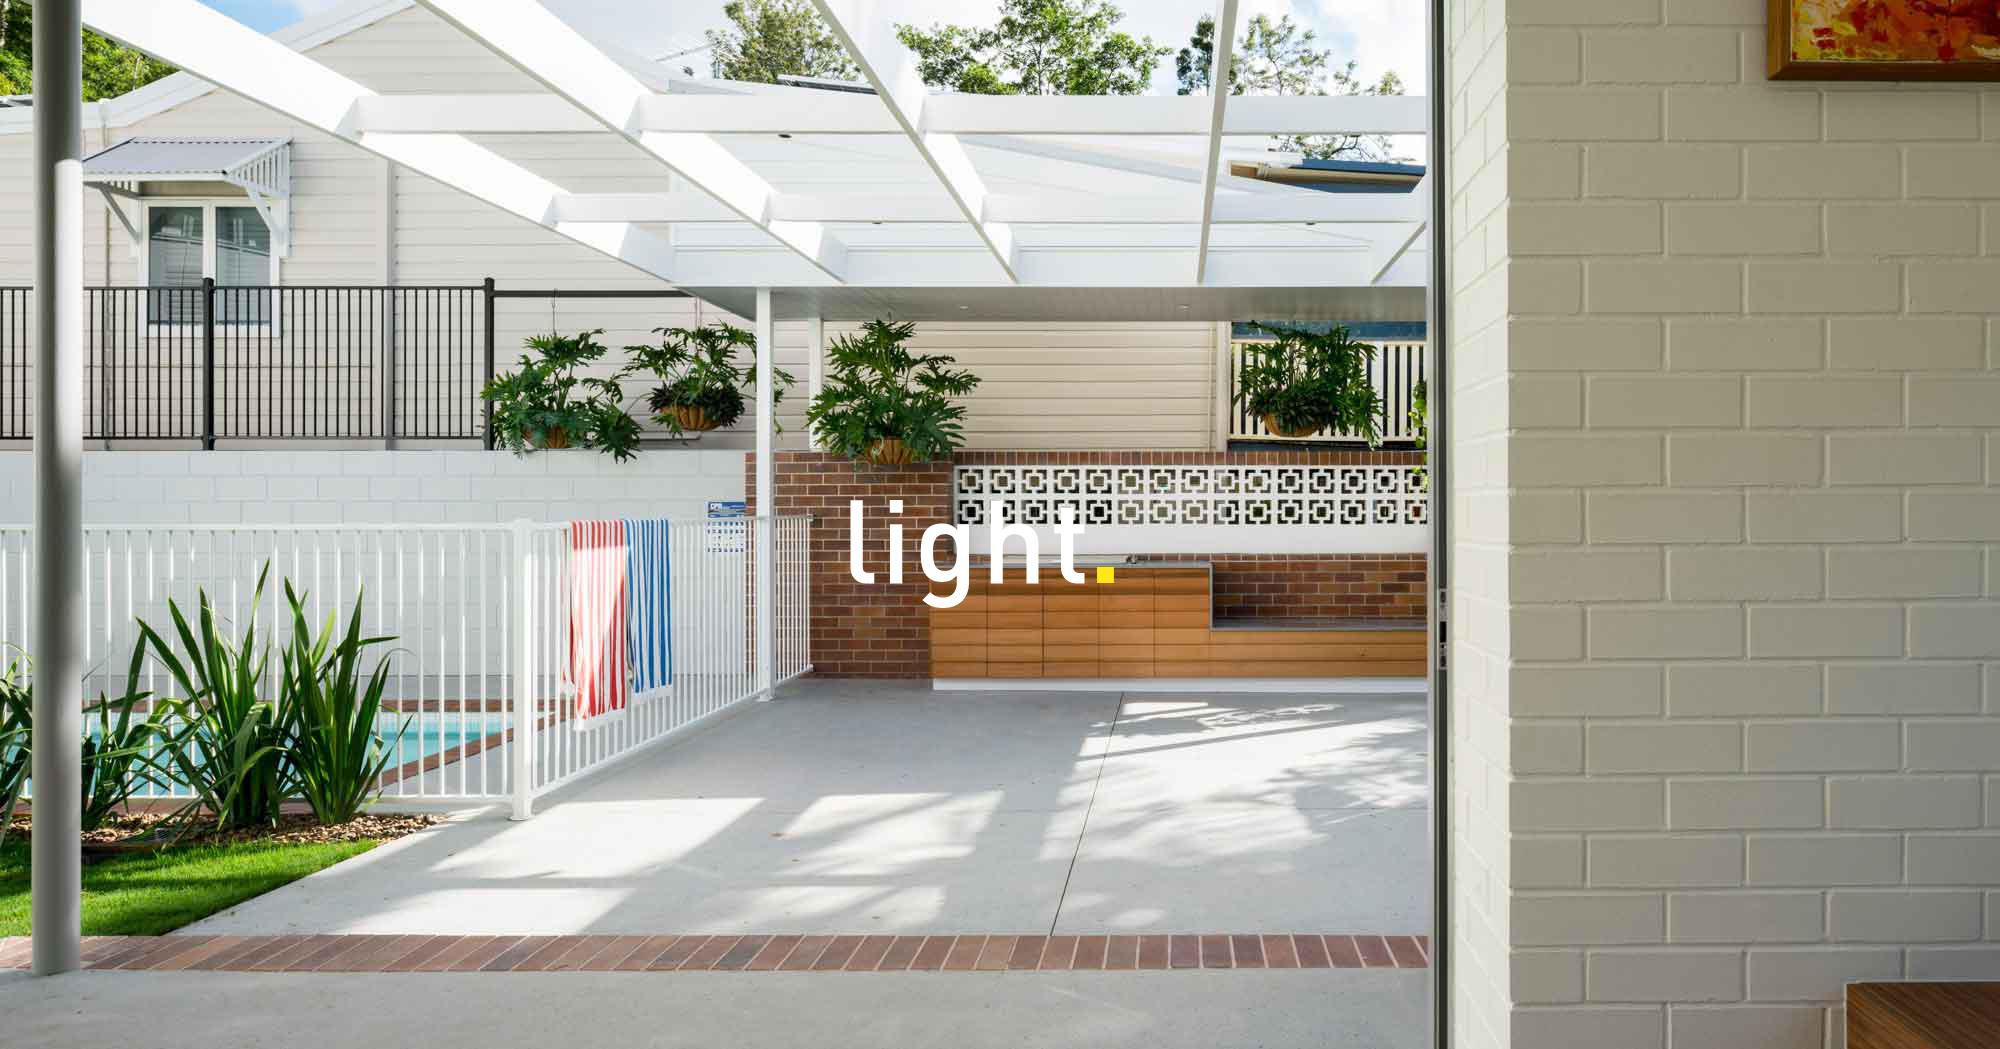 light_01.jpg